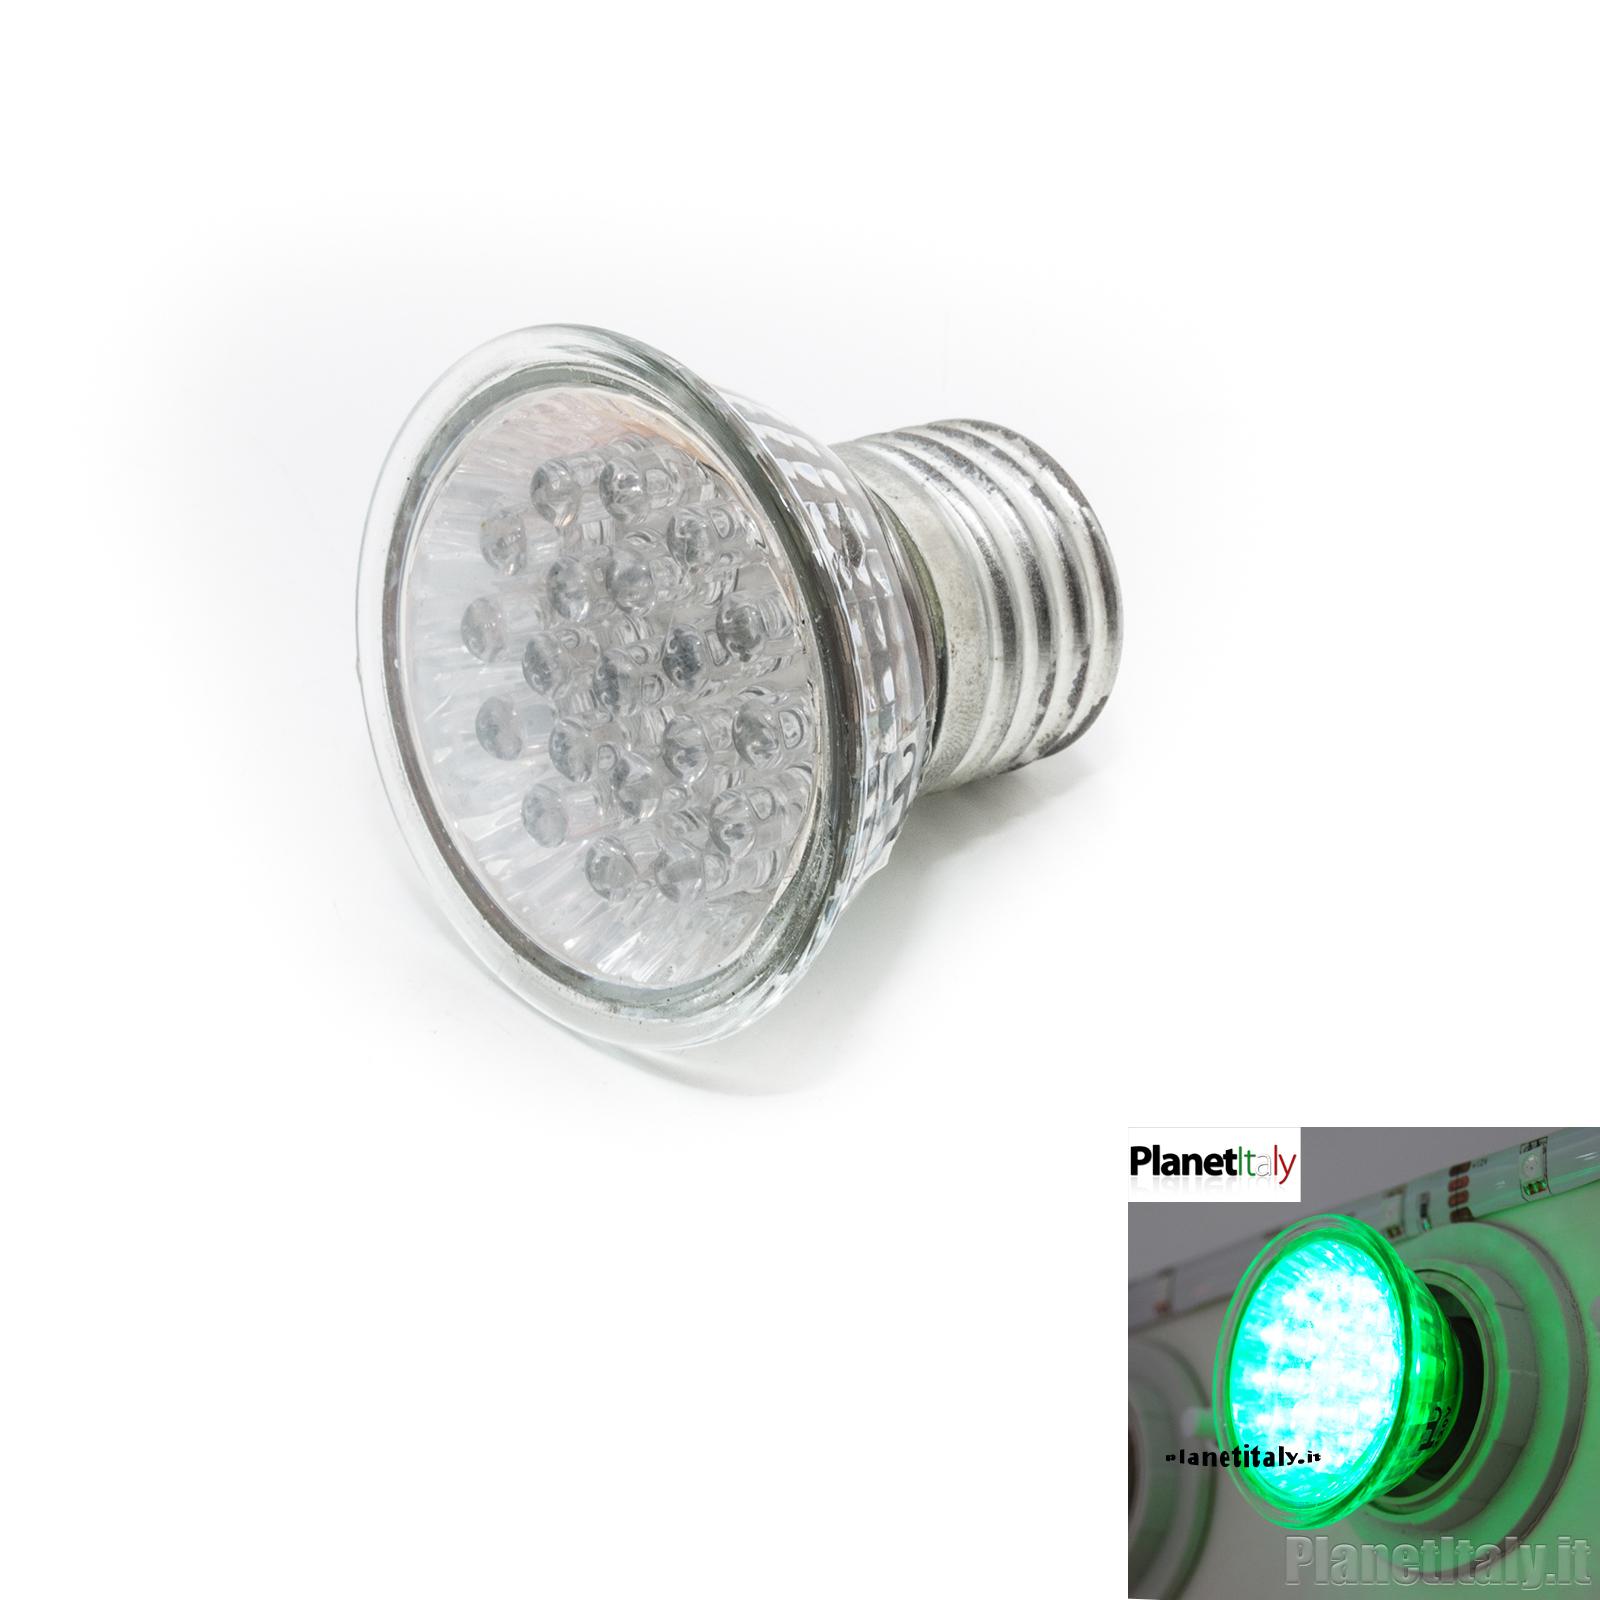 Faretti Led E27.Faretto Led E27 20 Led Luce Verde 220v 2w Lampada Decorativa Green Light Spot